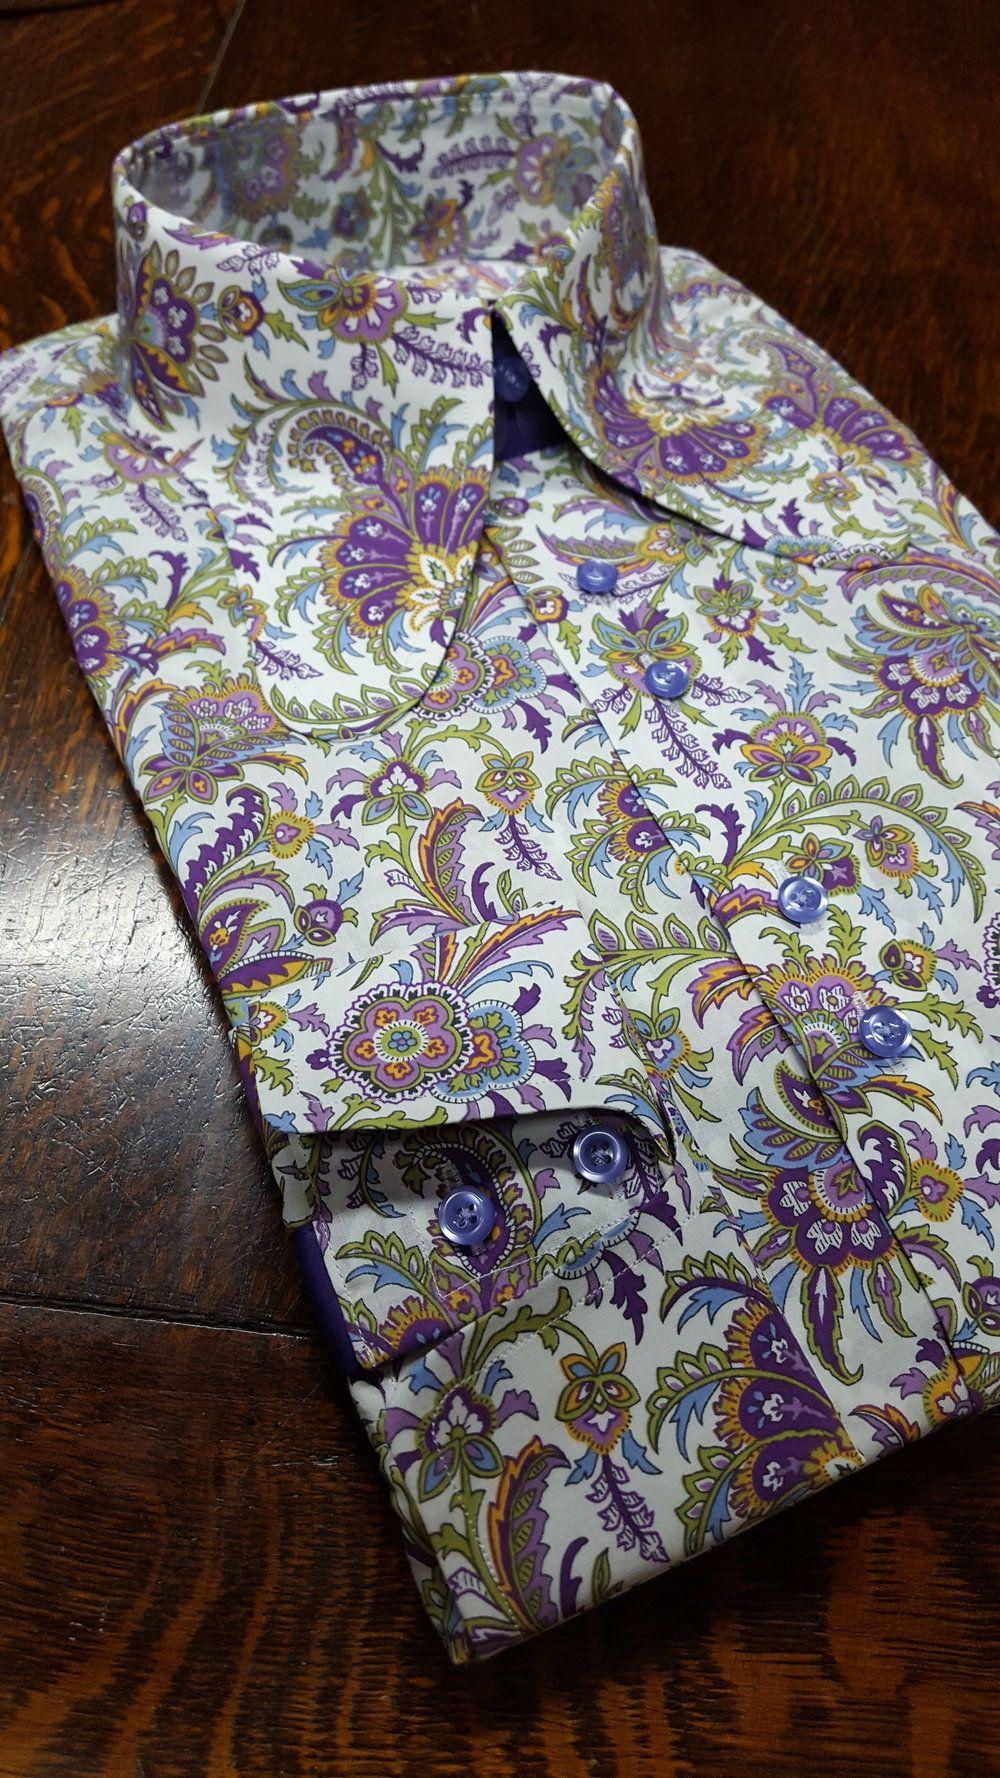 39 Purple Haze 39 Beagle Collar Shirt 39 Dandyashby 39